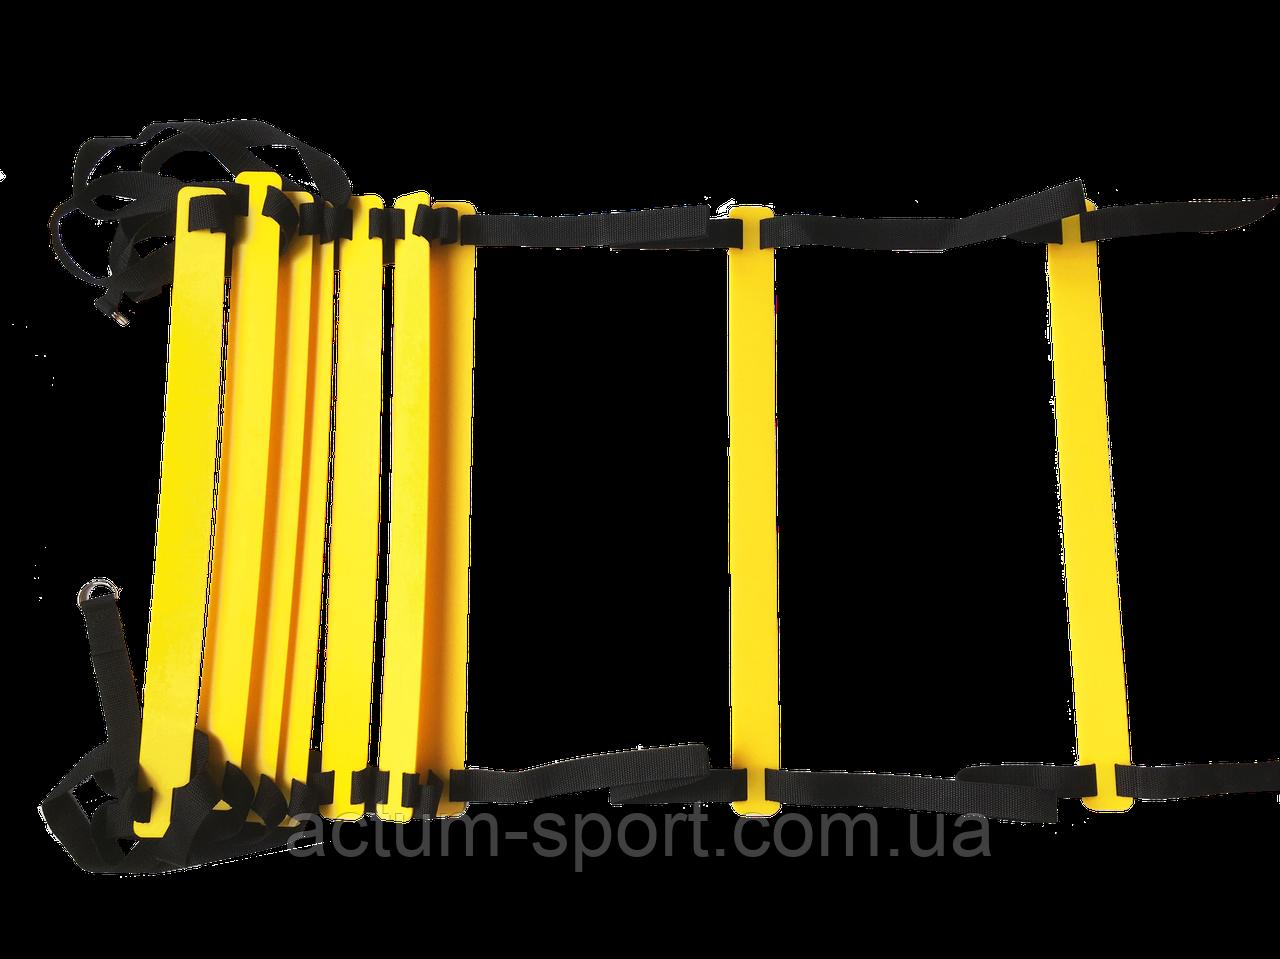 Координационная лестница, скоростная дорожка Speed ladder 6 ступеней